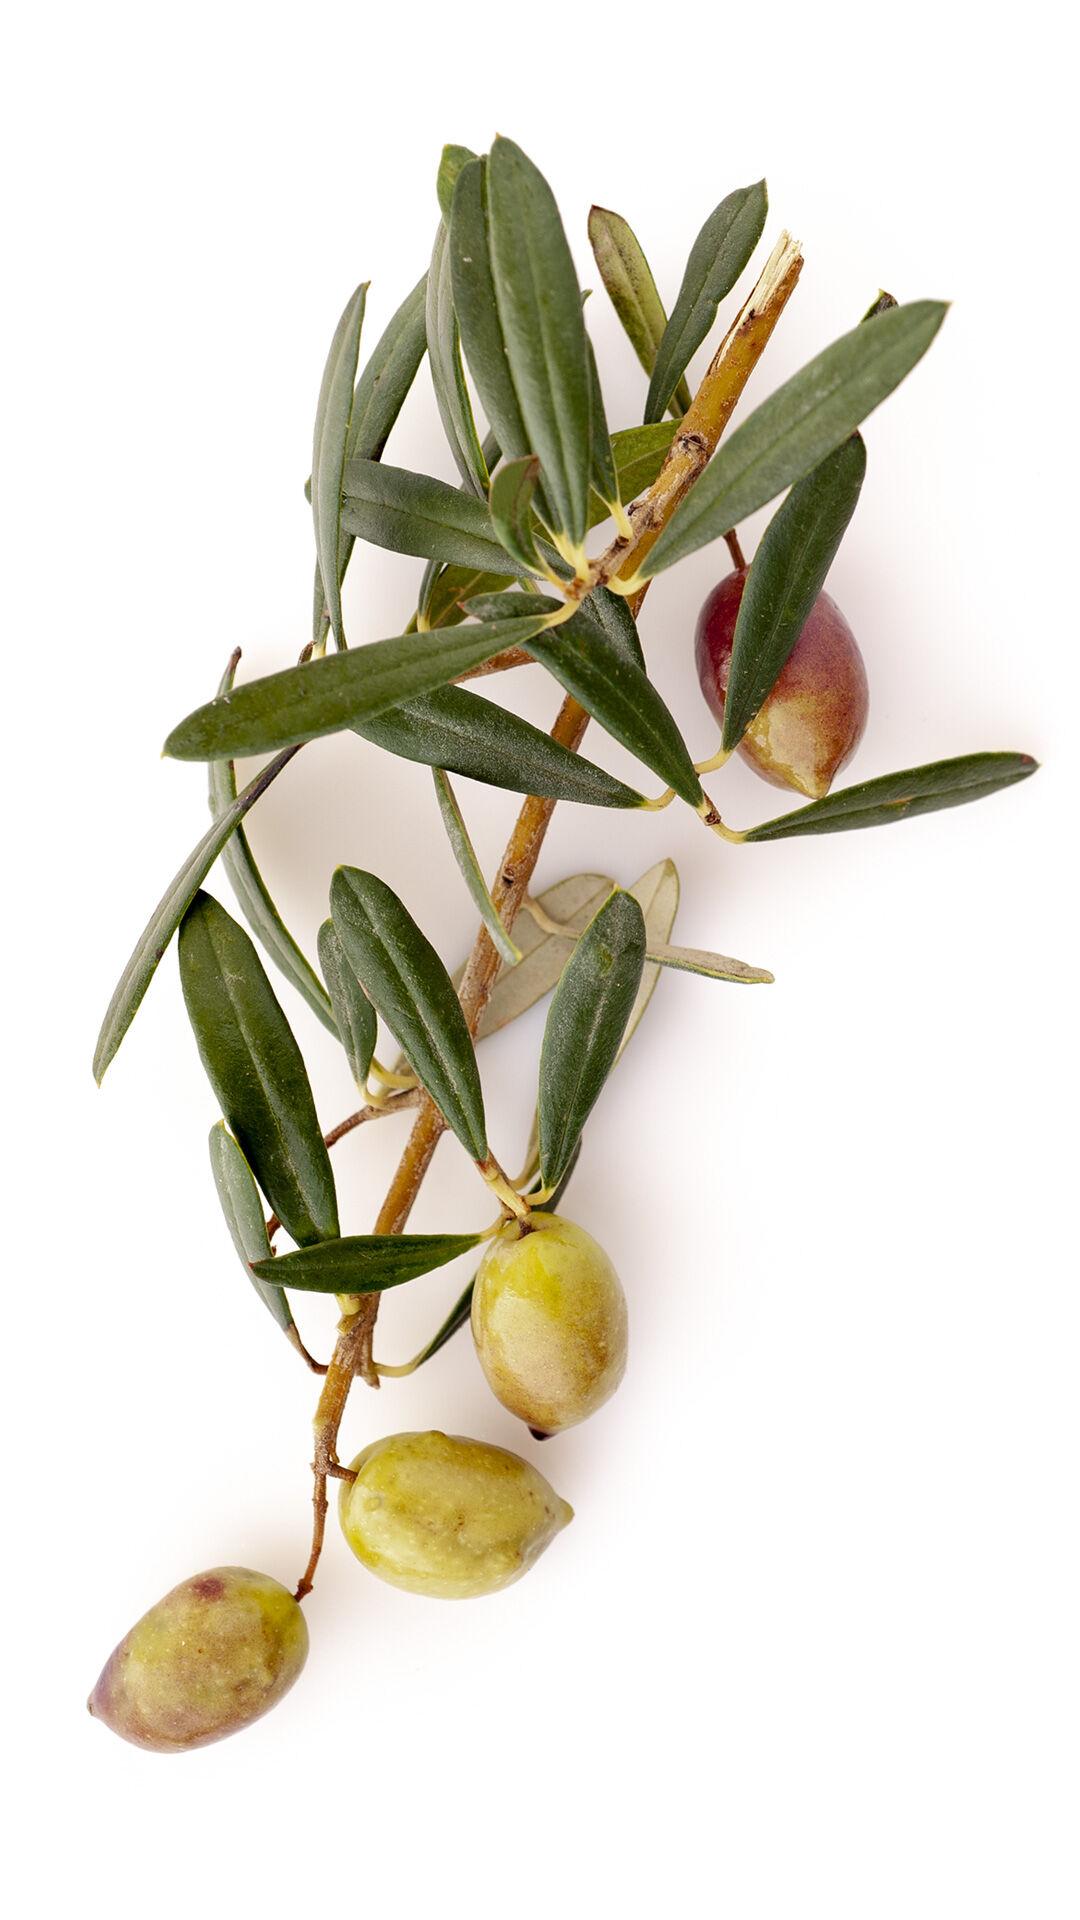 XTH - 6 Bt.Olio Ex.Athinolia L 0,500